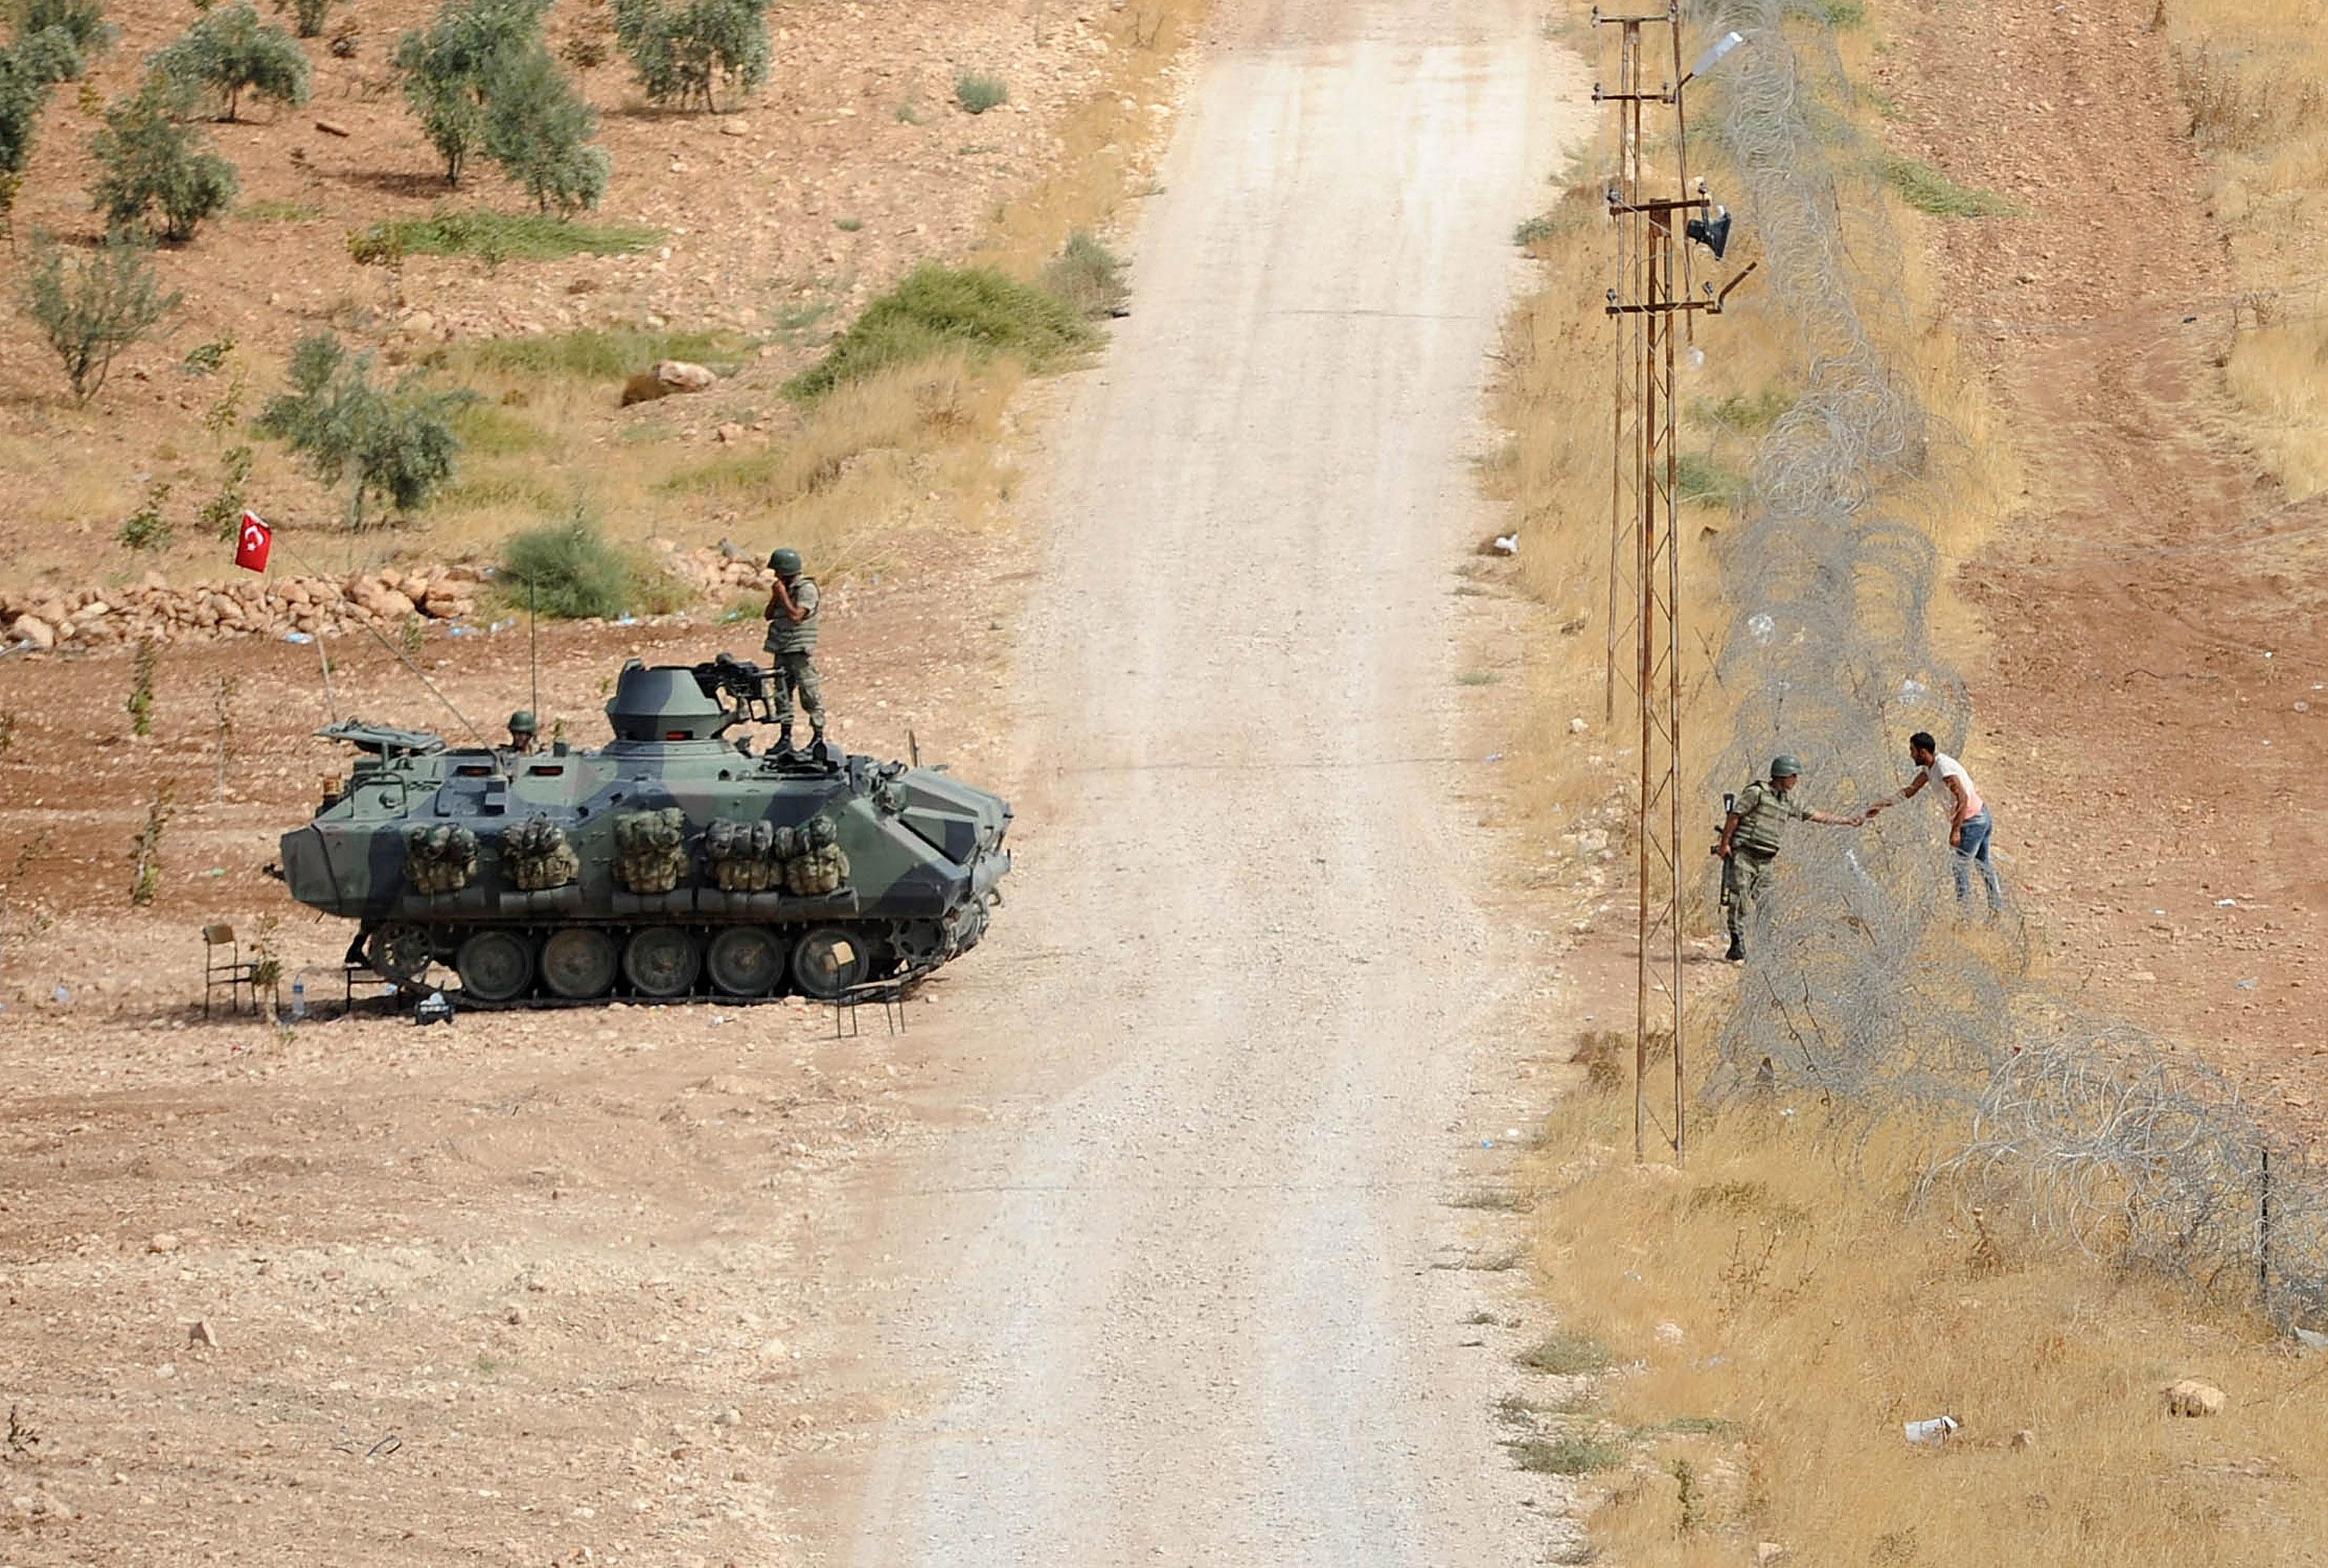 Turcii au trimis tancuri la granita pentru a opri valul de refugiati din Siria. ONU: 140.000 de kurzi au fugit in 6 zile